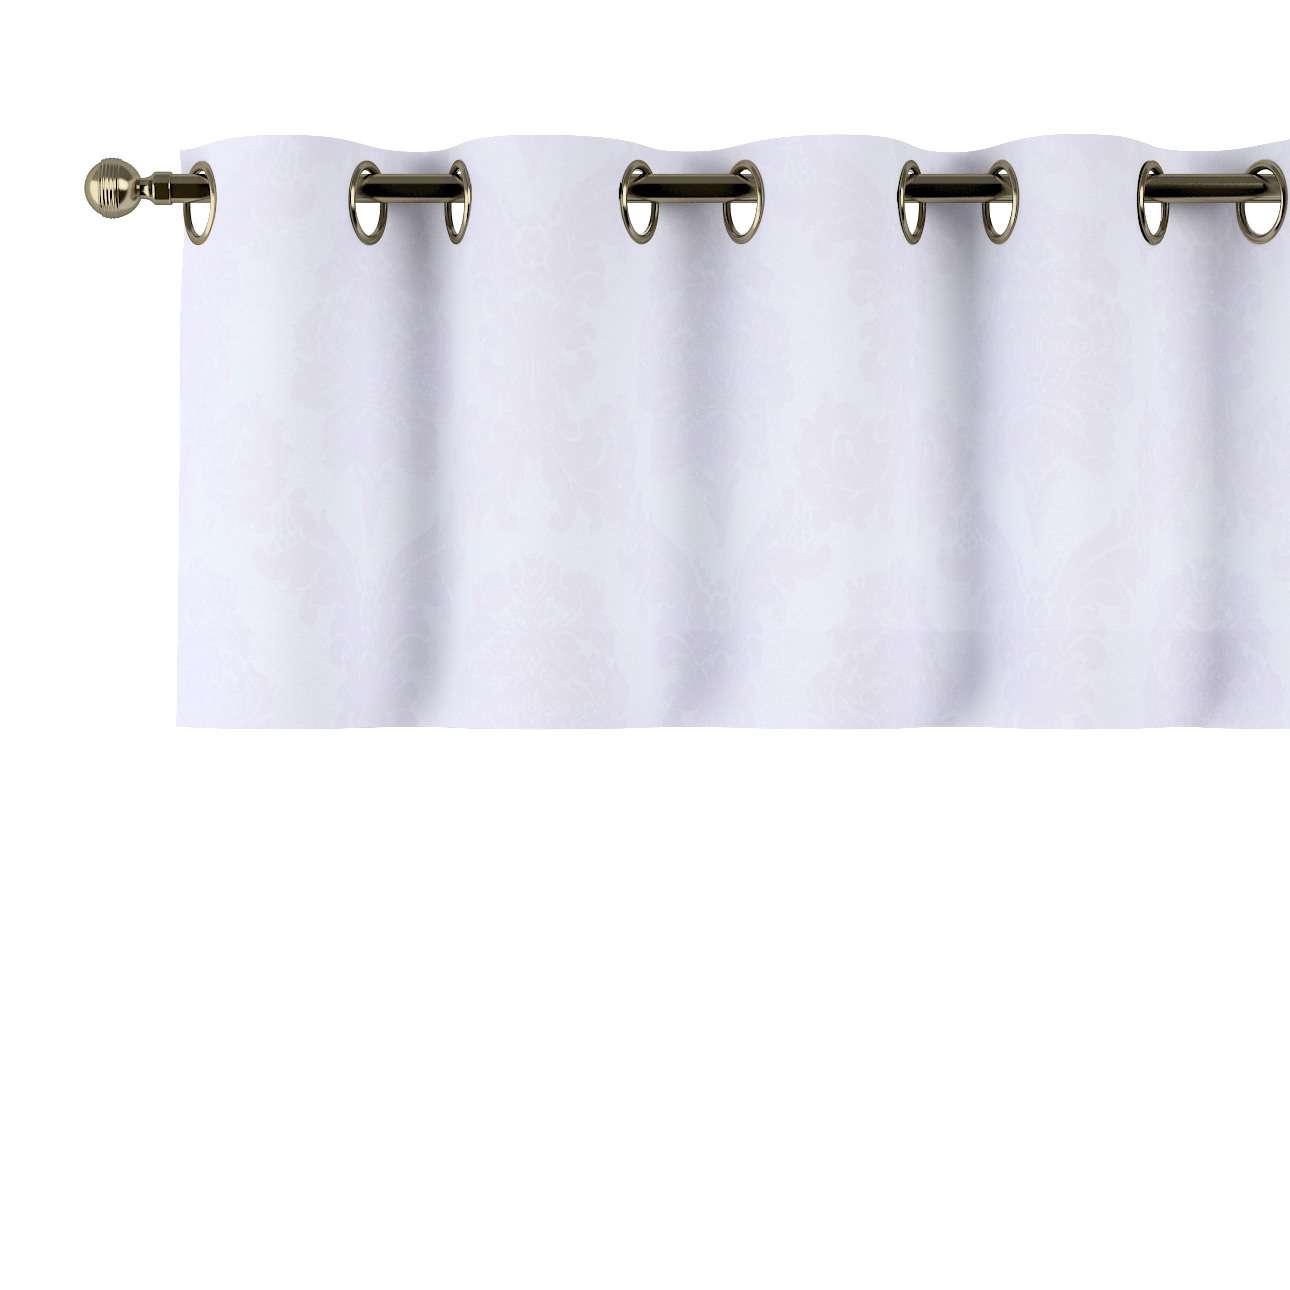 Gardinkappa med öljetter 130 × 40 cm i kollektionen Damasco, Tyg: 613-00